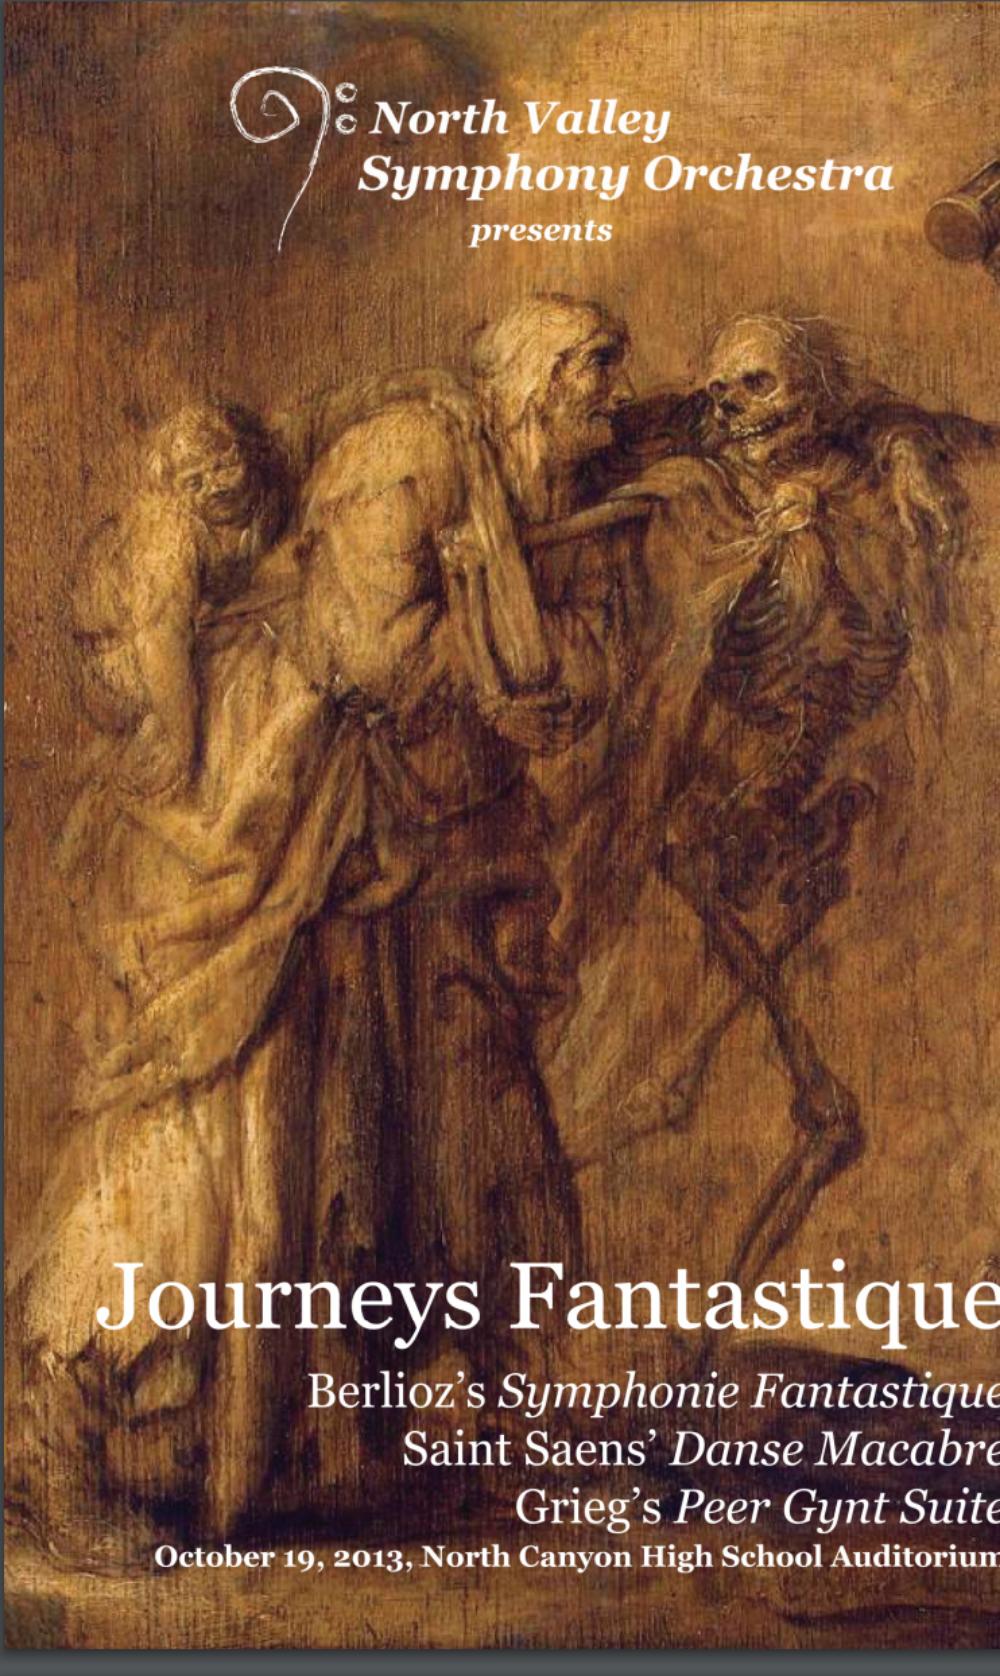 Journeys Fantastique - October 19, 2013